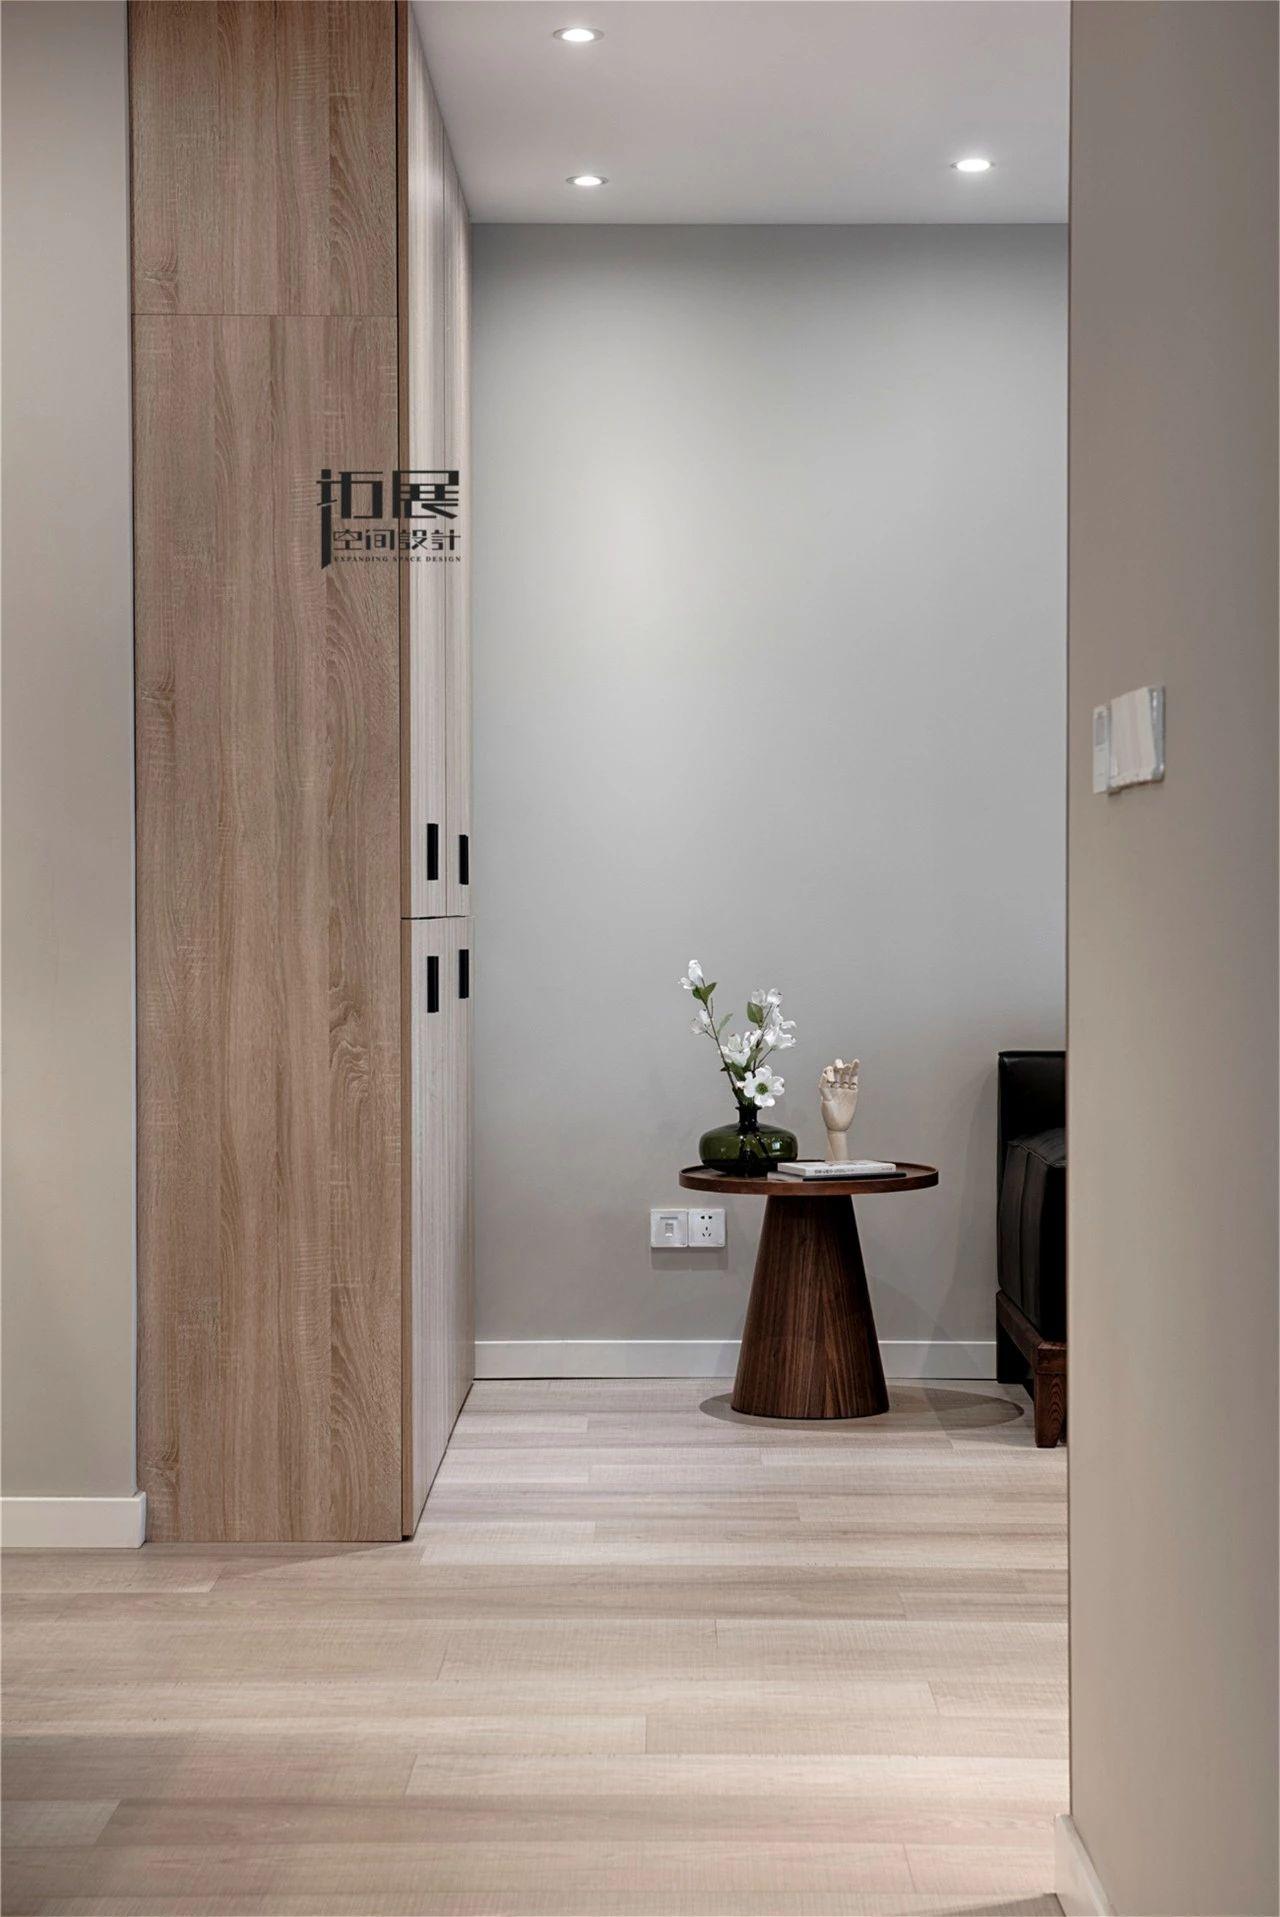 124㎡现代简约三居装修储物壁柜设计